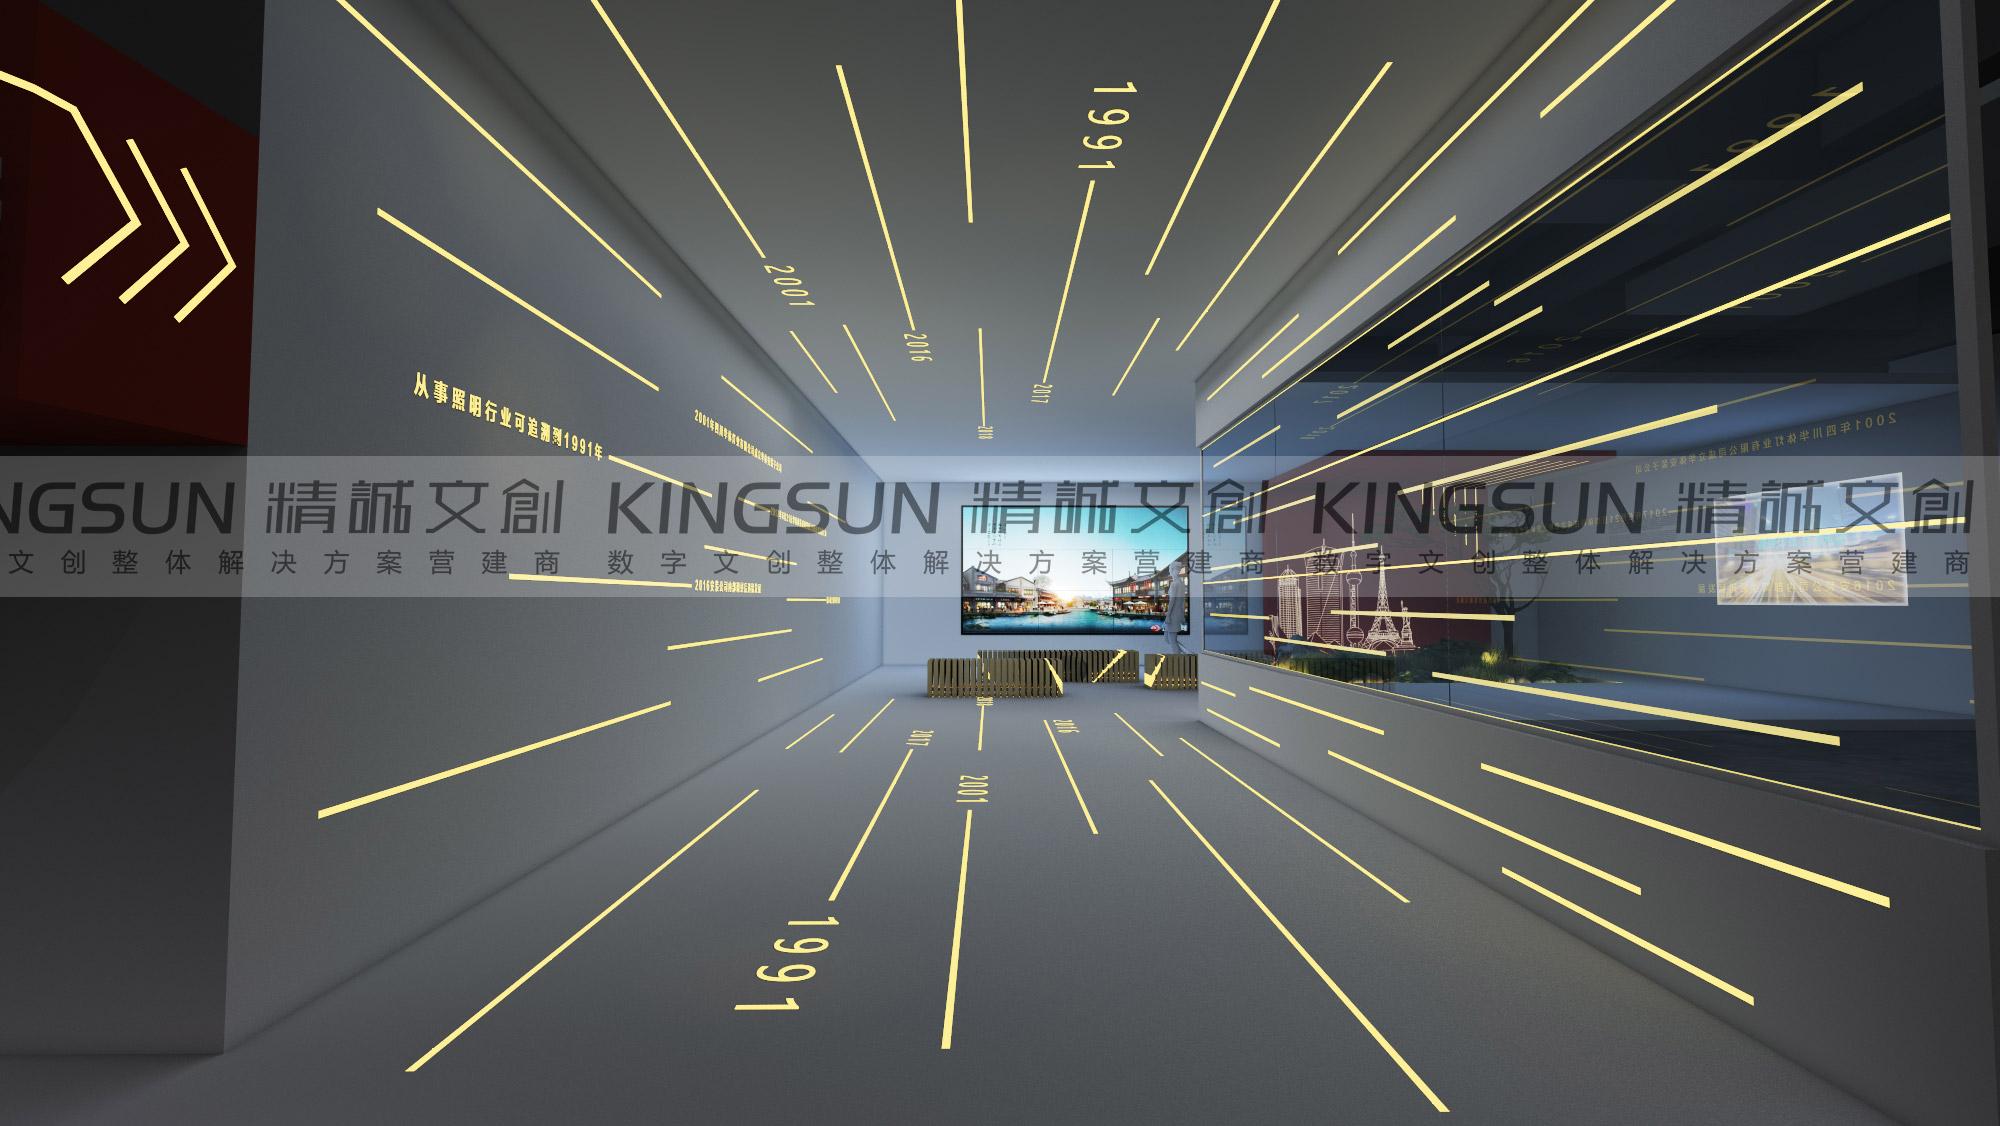 品文化魅力,展未来风采—四川华体科技企业展厅